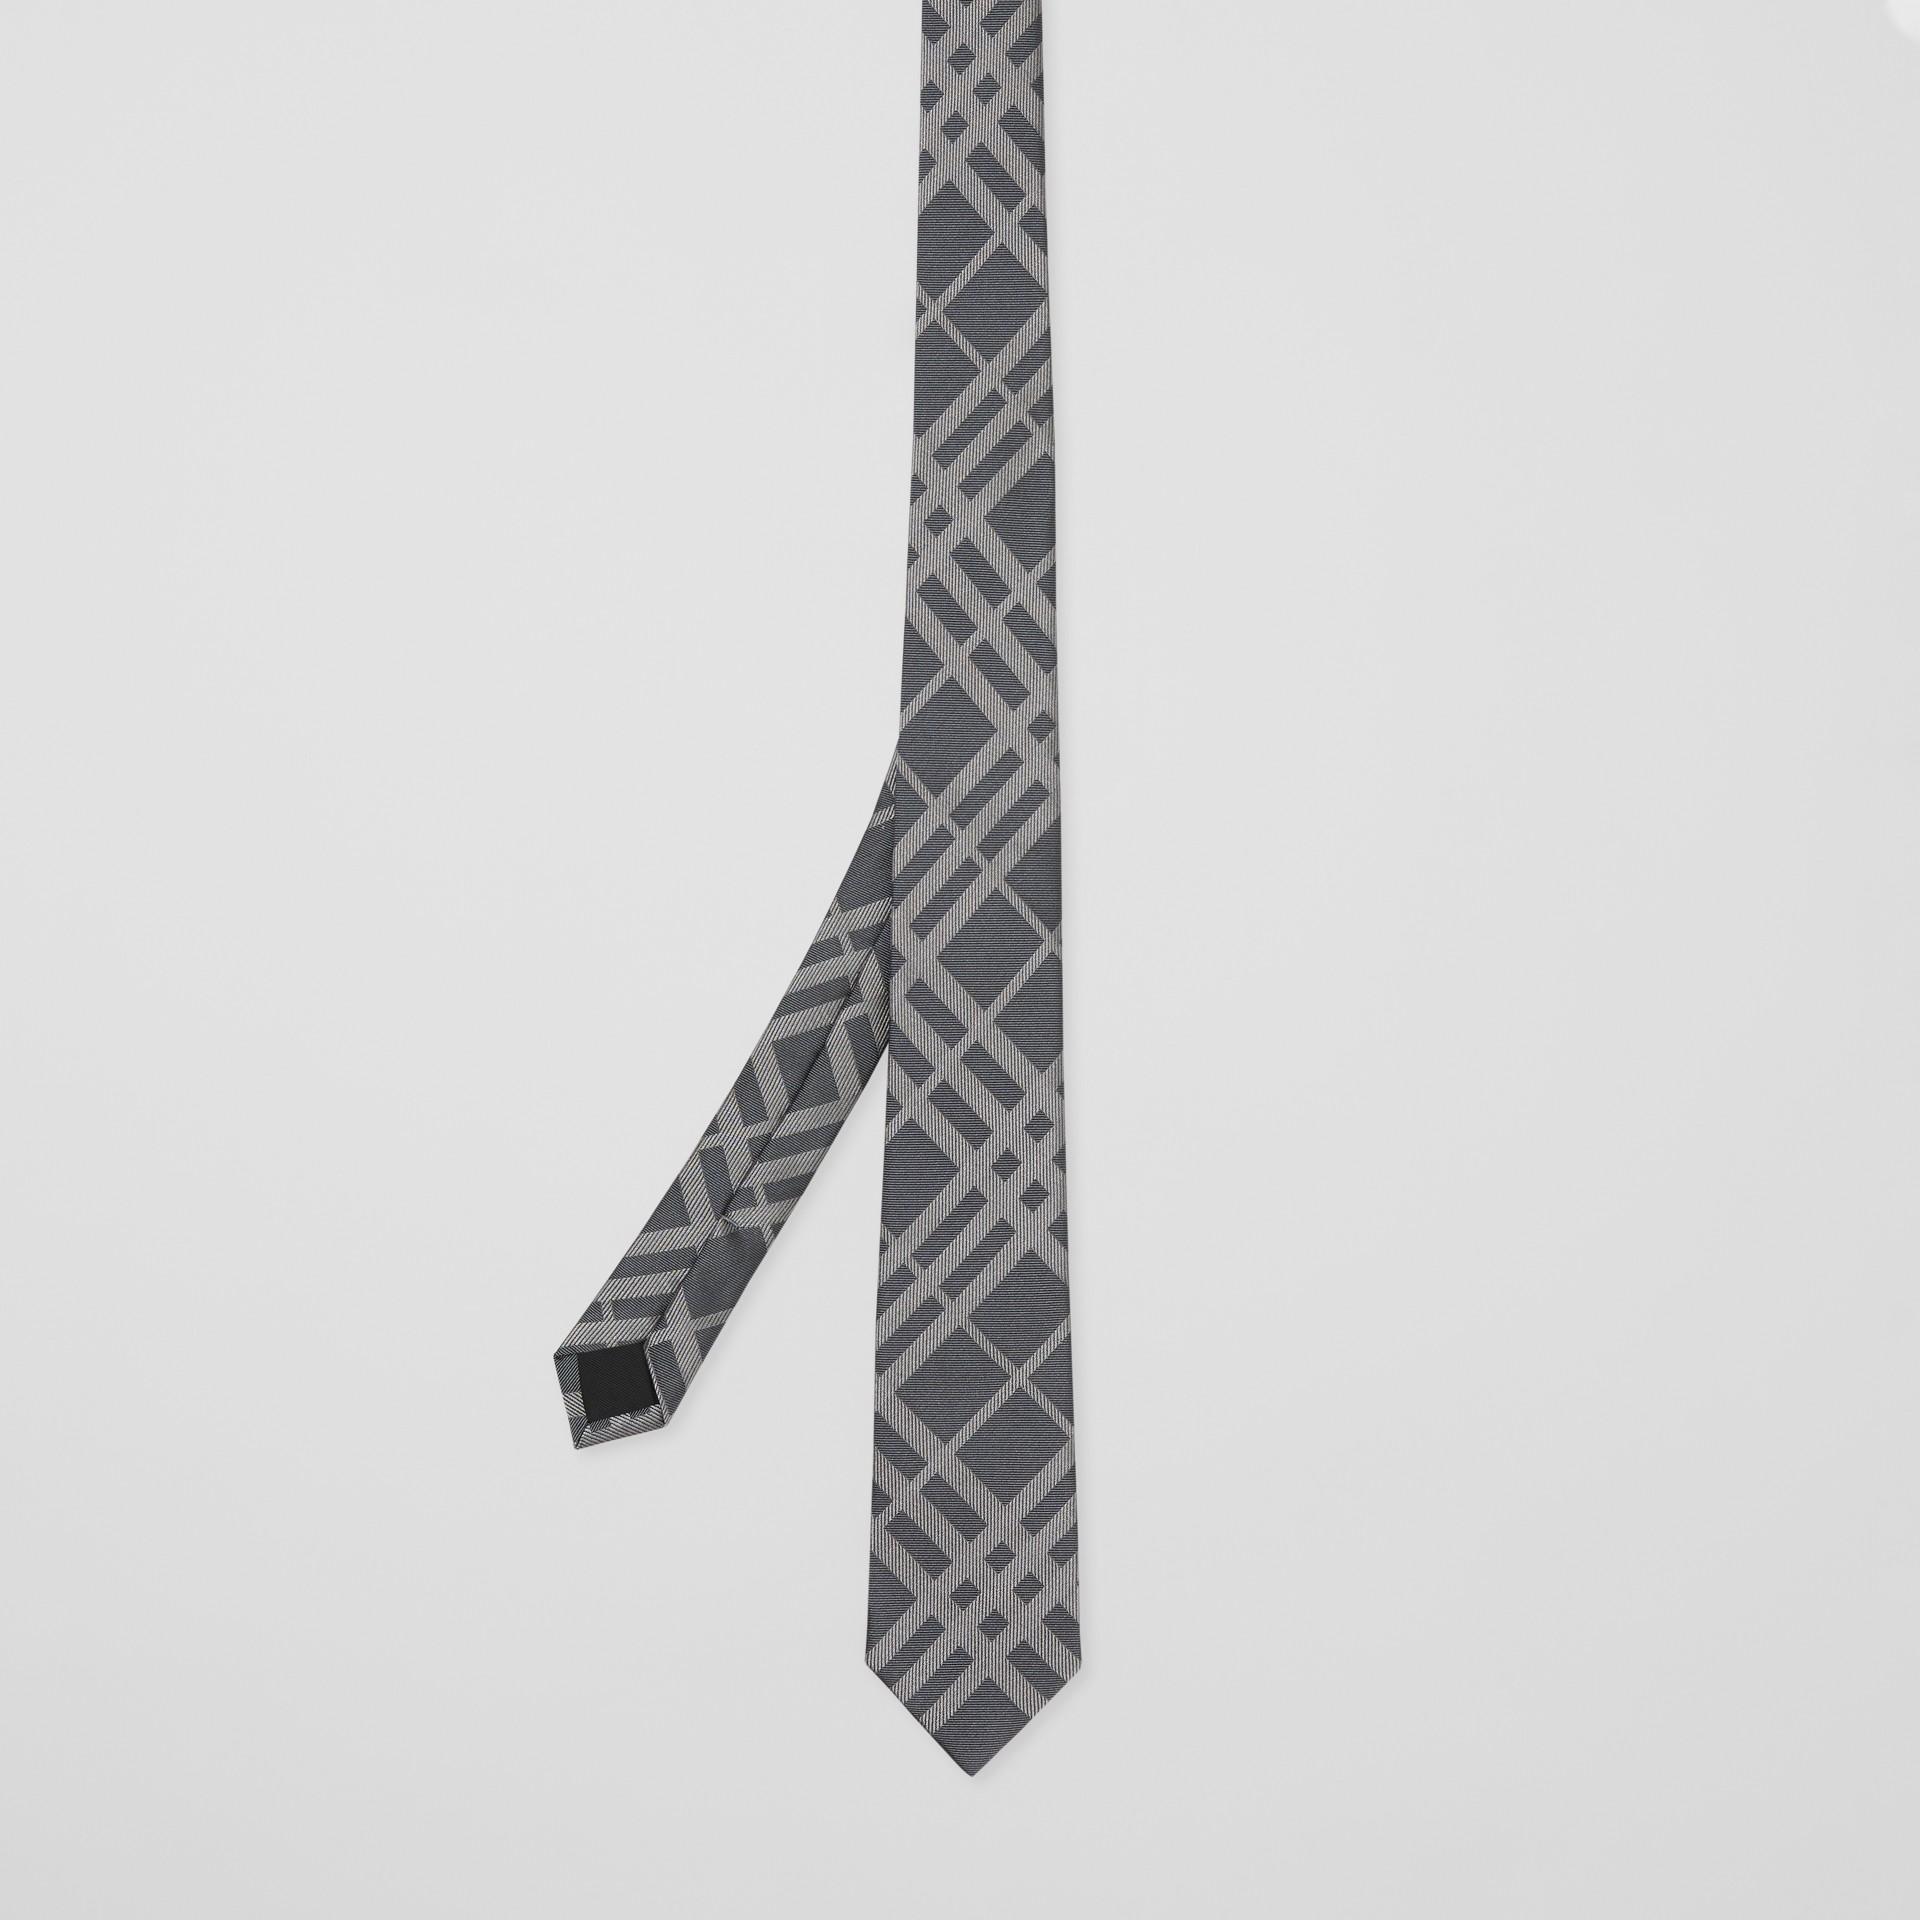 Corbata de pala clásica en seda con motivo a cuadros en jacquard (Gris Medio) - Hombre | Burberry - imagen de la galería 4